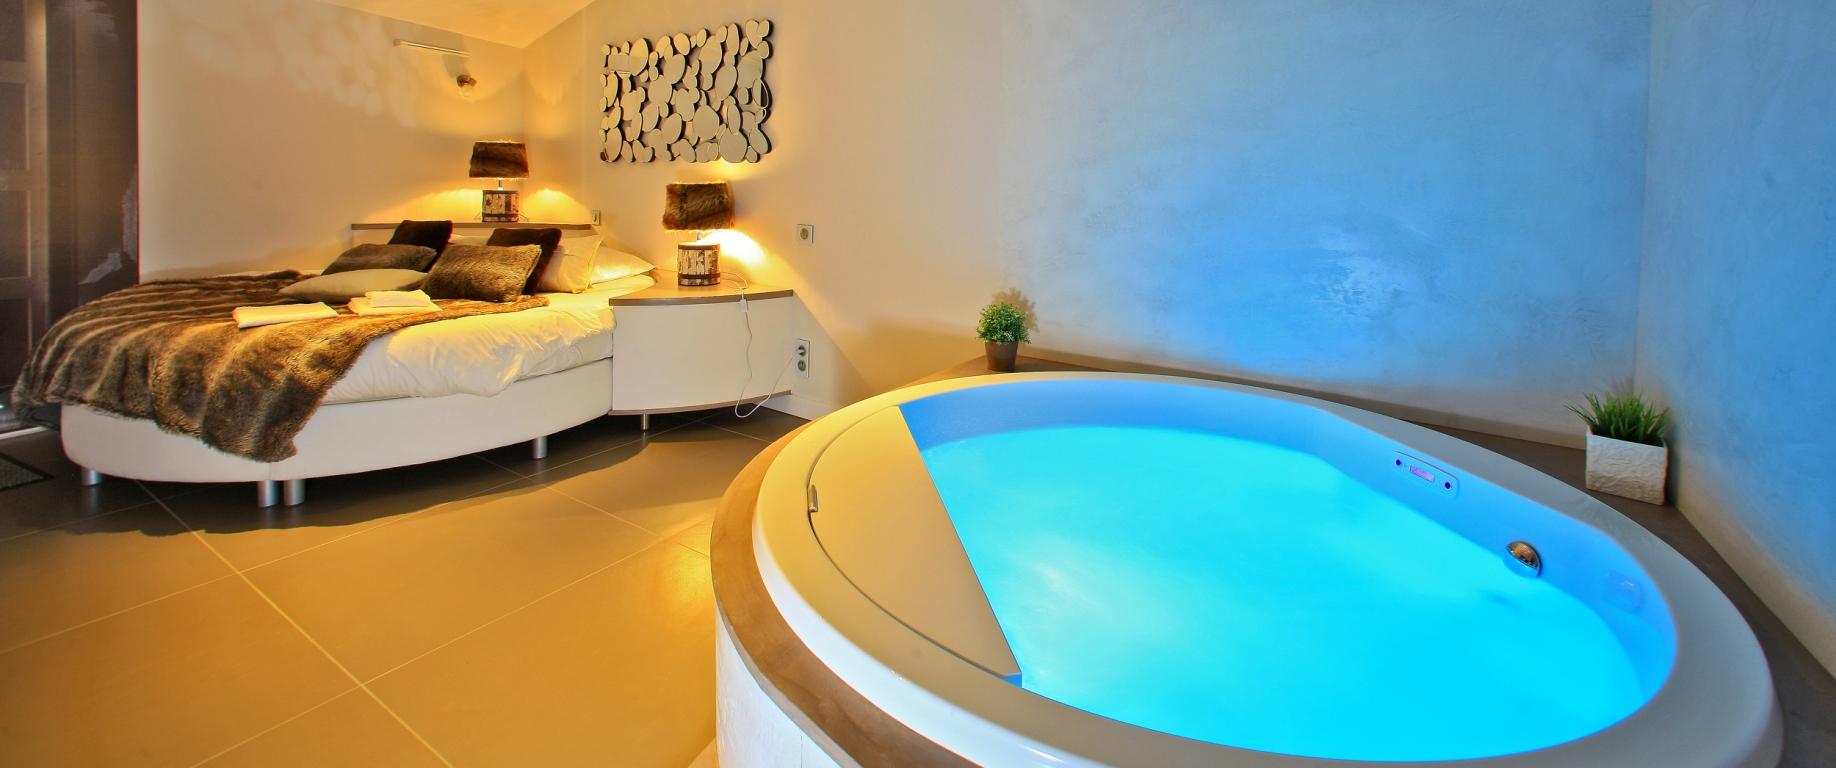 appartement de luxe avec jacuzzi